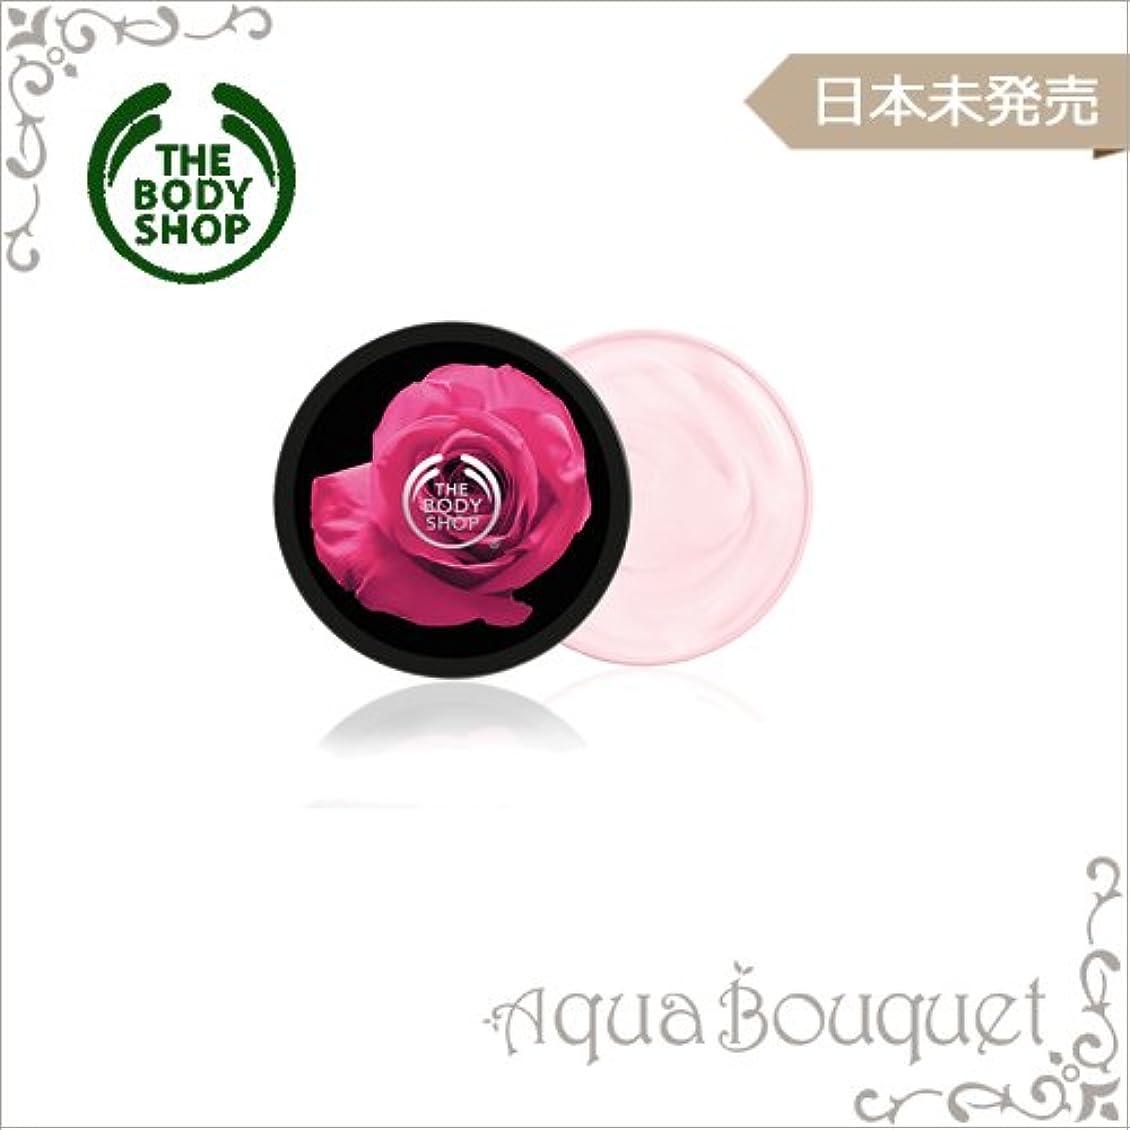 台無しにファントムツインザ?ボディショップ ブリティッシュローズ ボディバター 50ml The Body Shop British Rose Instant Glow Body Butter 1.72oz [並行輸入品]